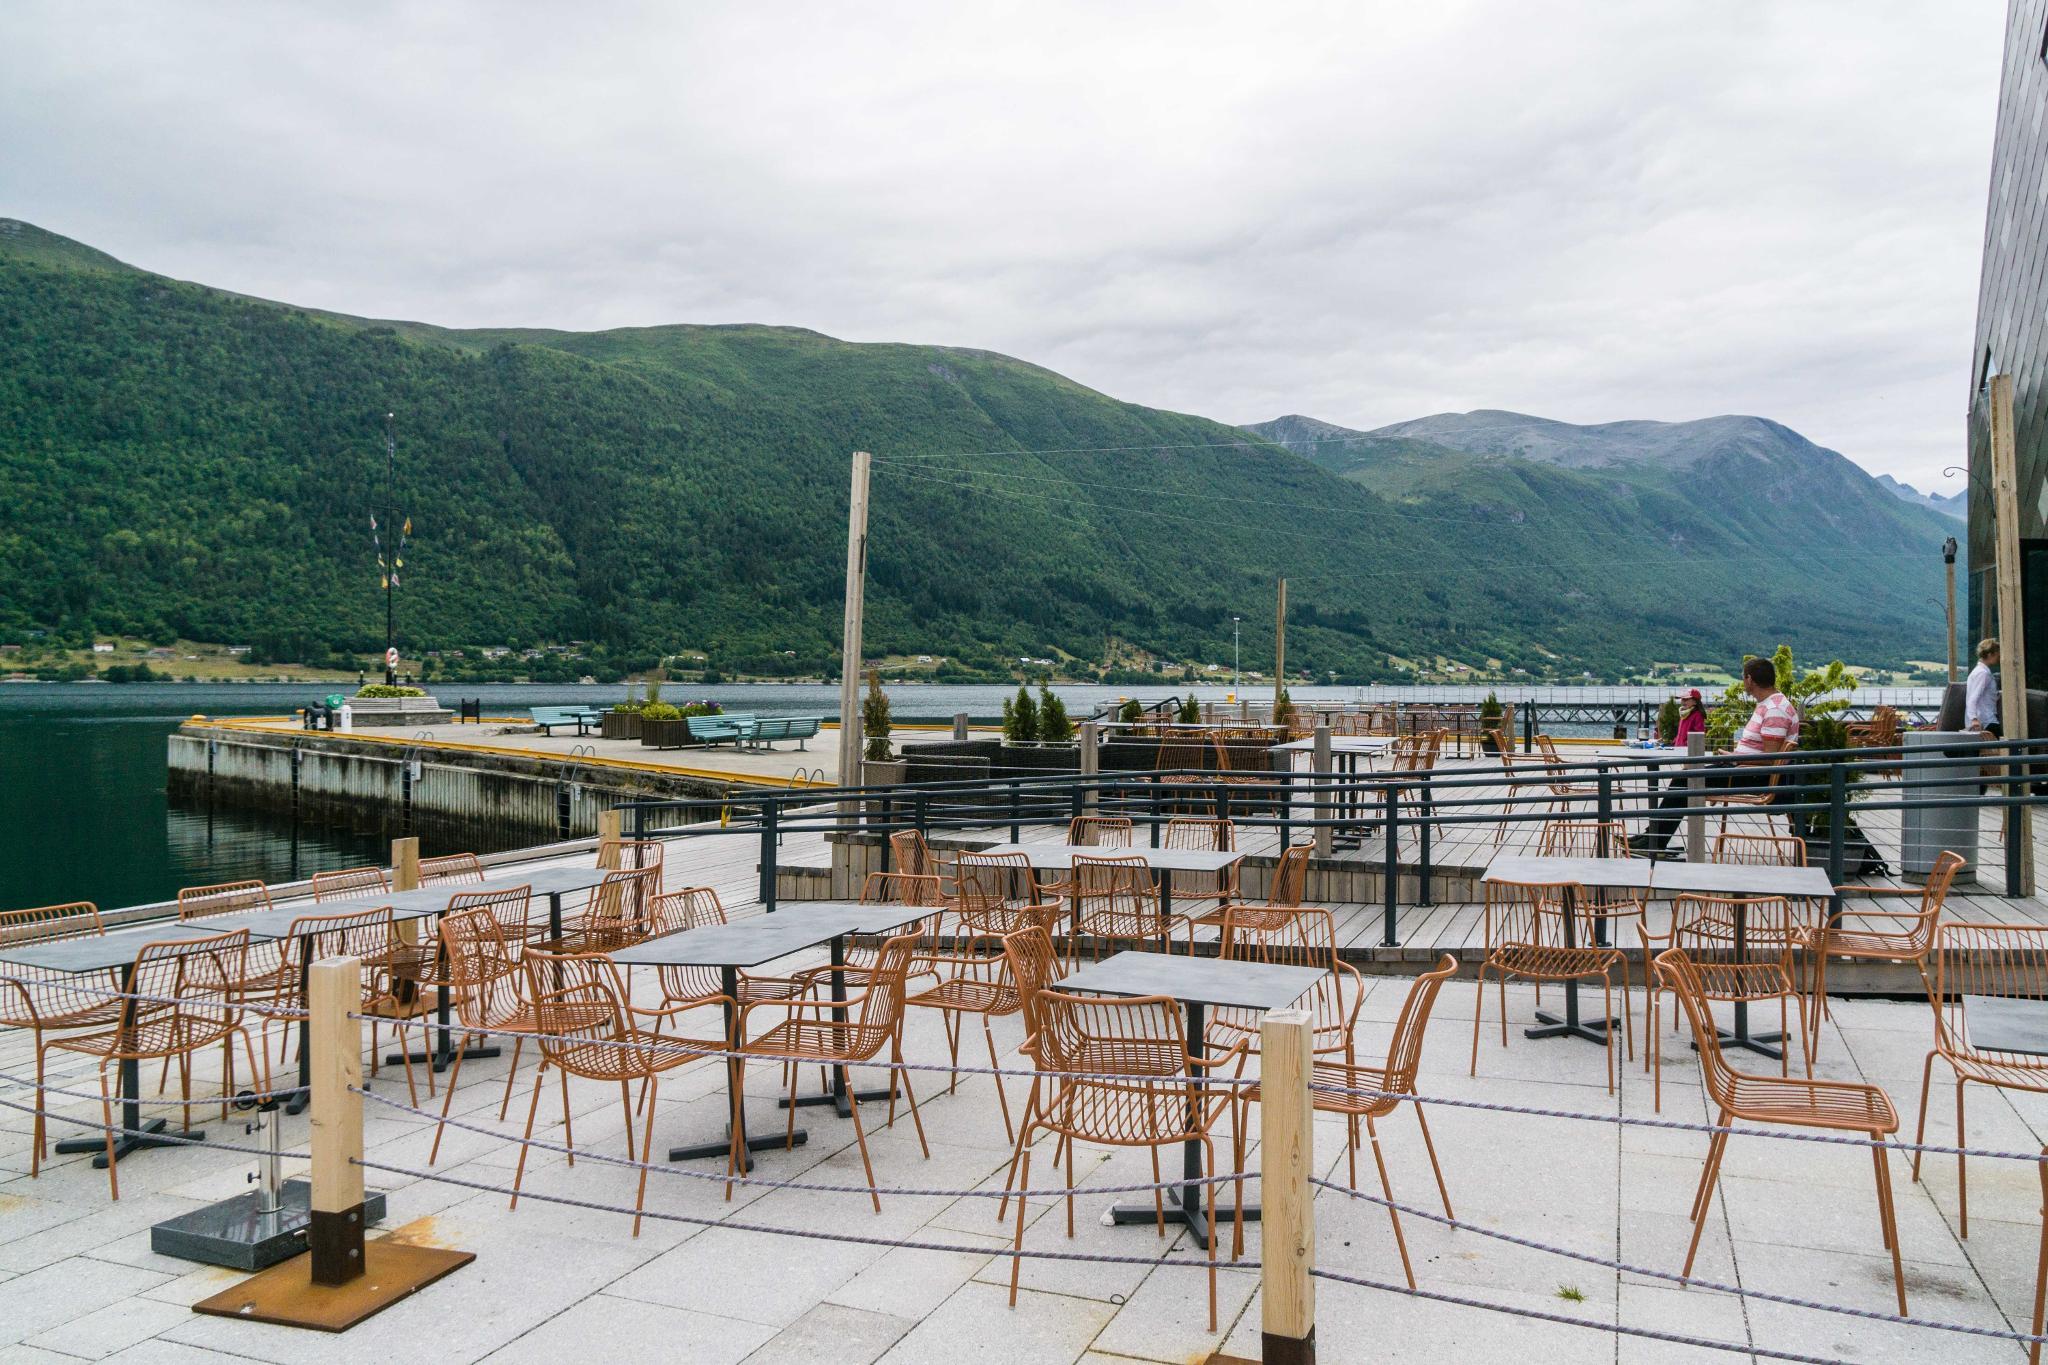 【北歐景點】峽灣區起點Åndalsnes健行 - 鳥瞰峽灣全景的Rampestreken觀景台 42